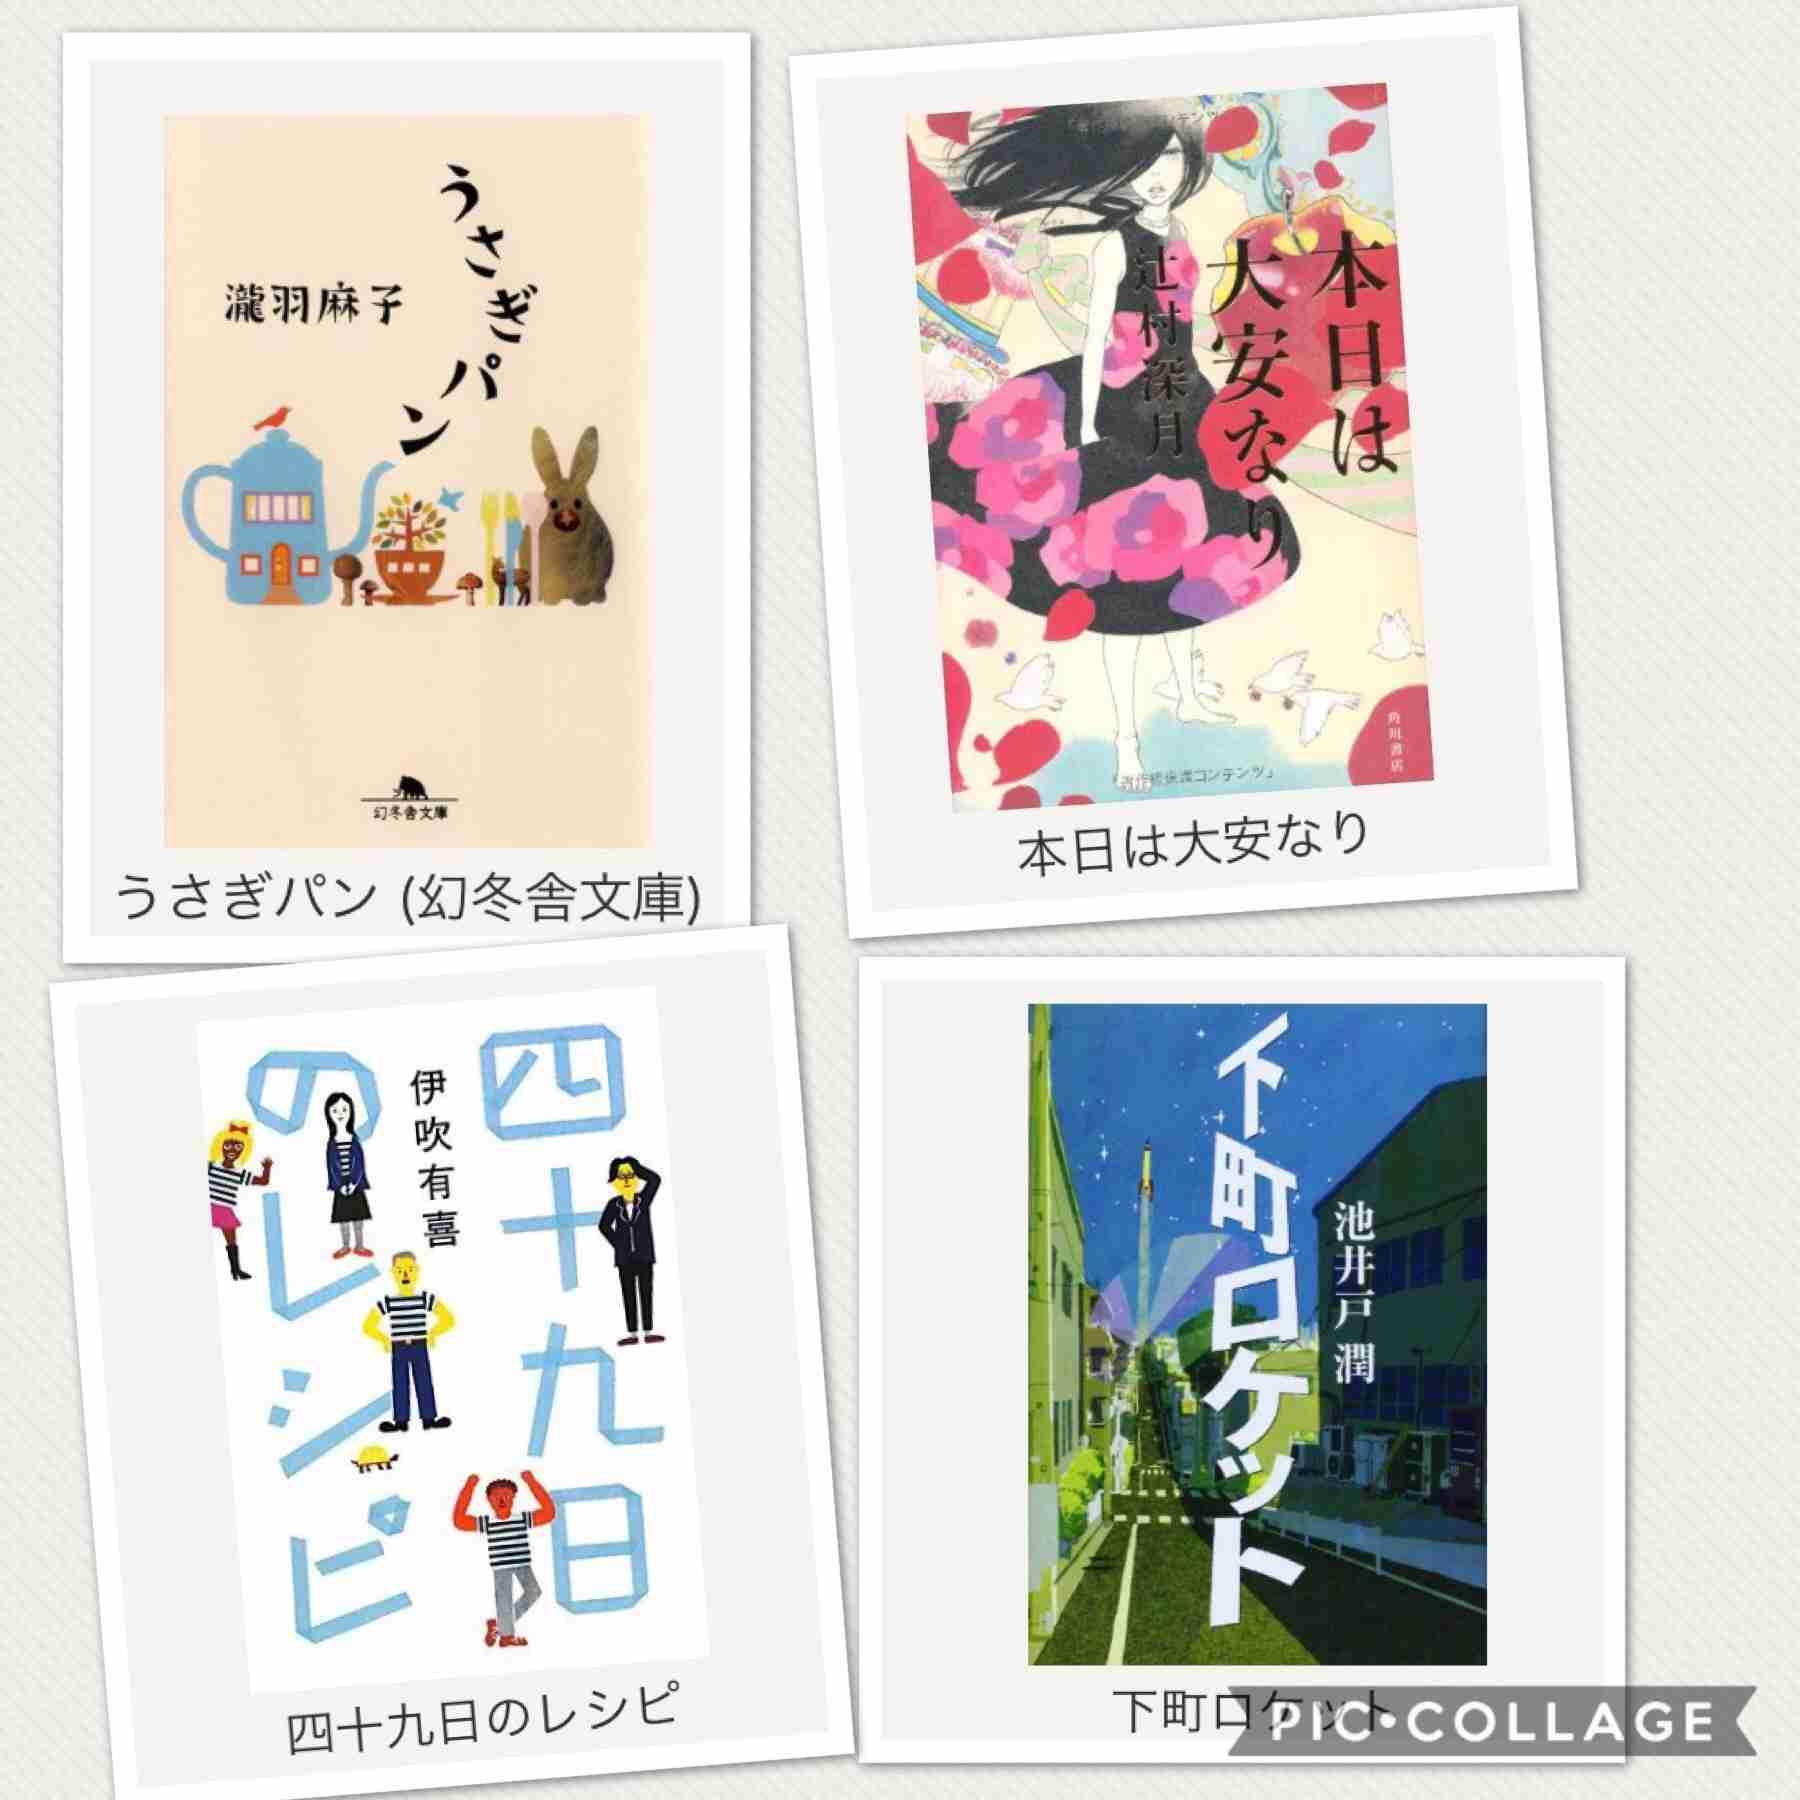 読書初心者でも読みやすい本!